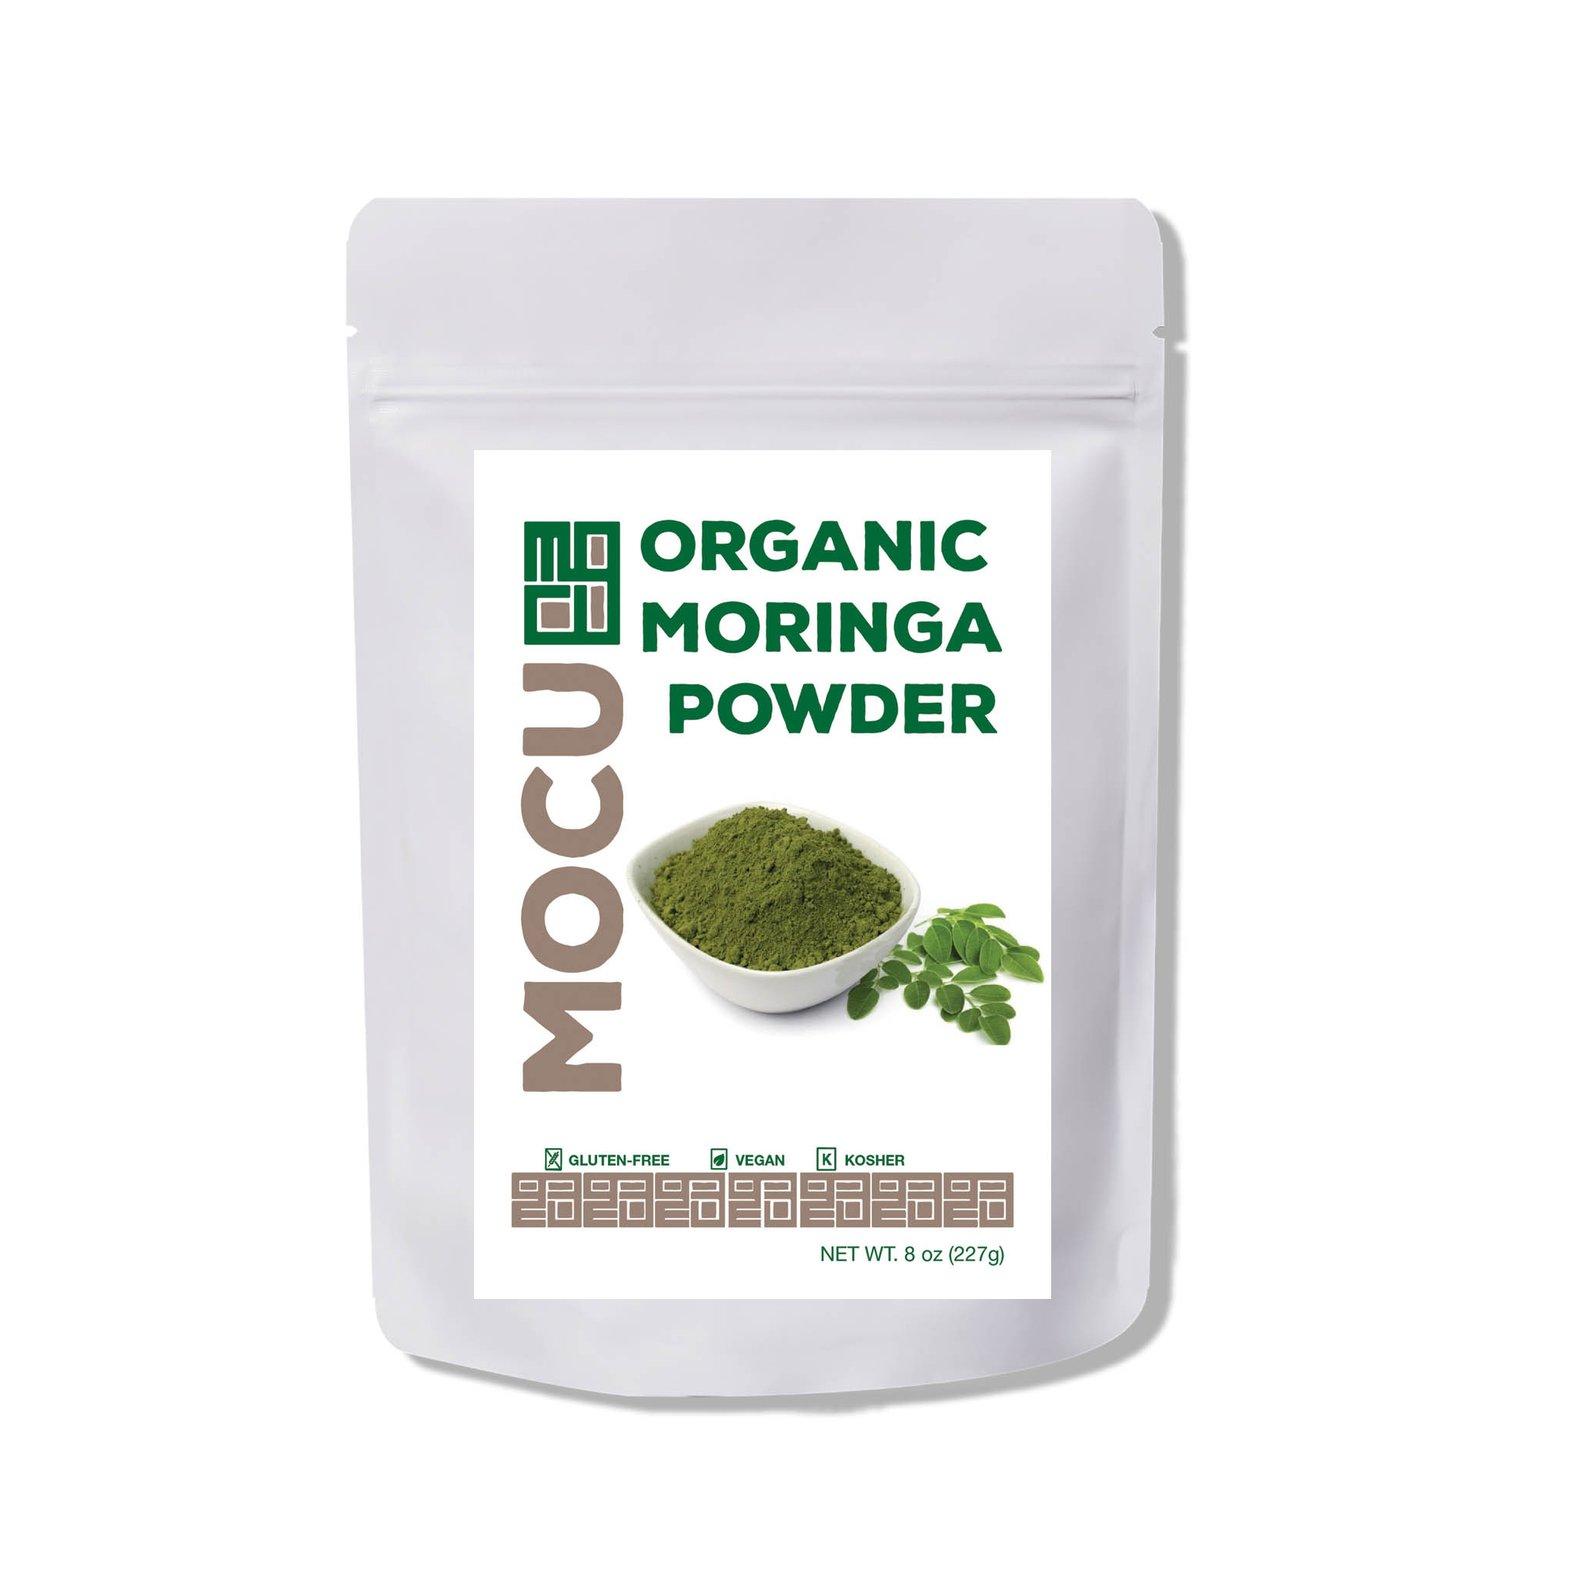 mocu-organic-moringa-powder-front.jpg